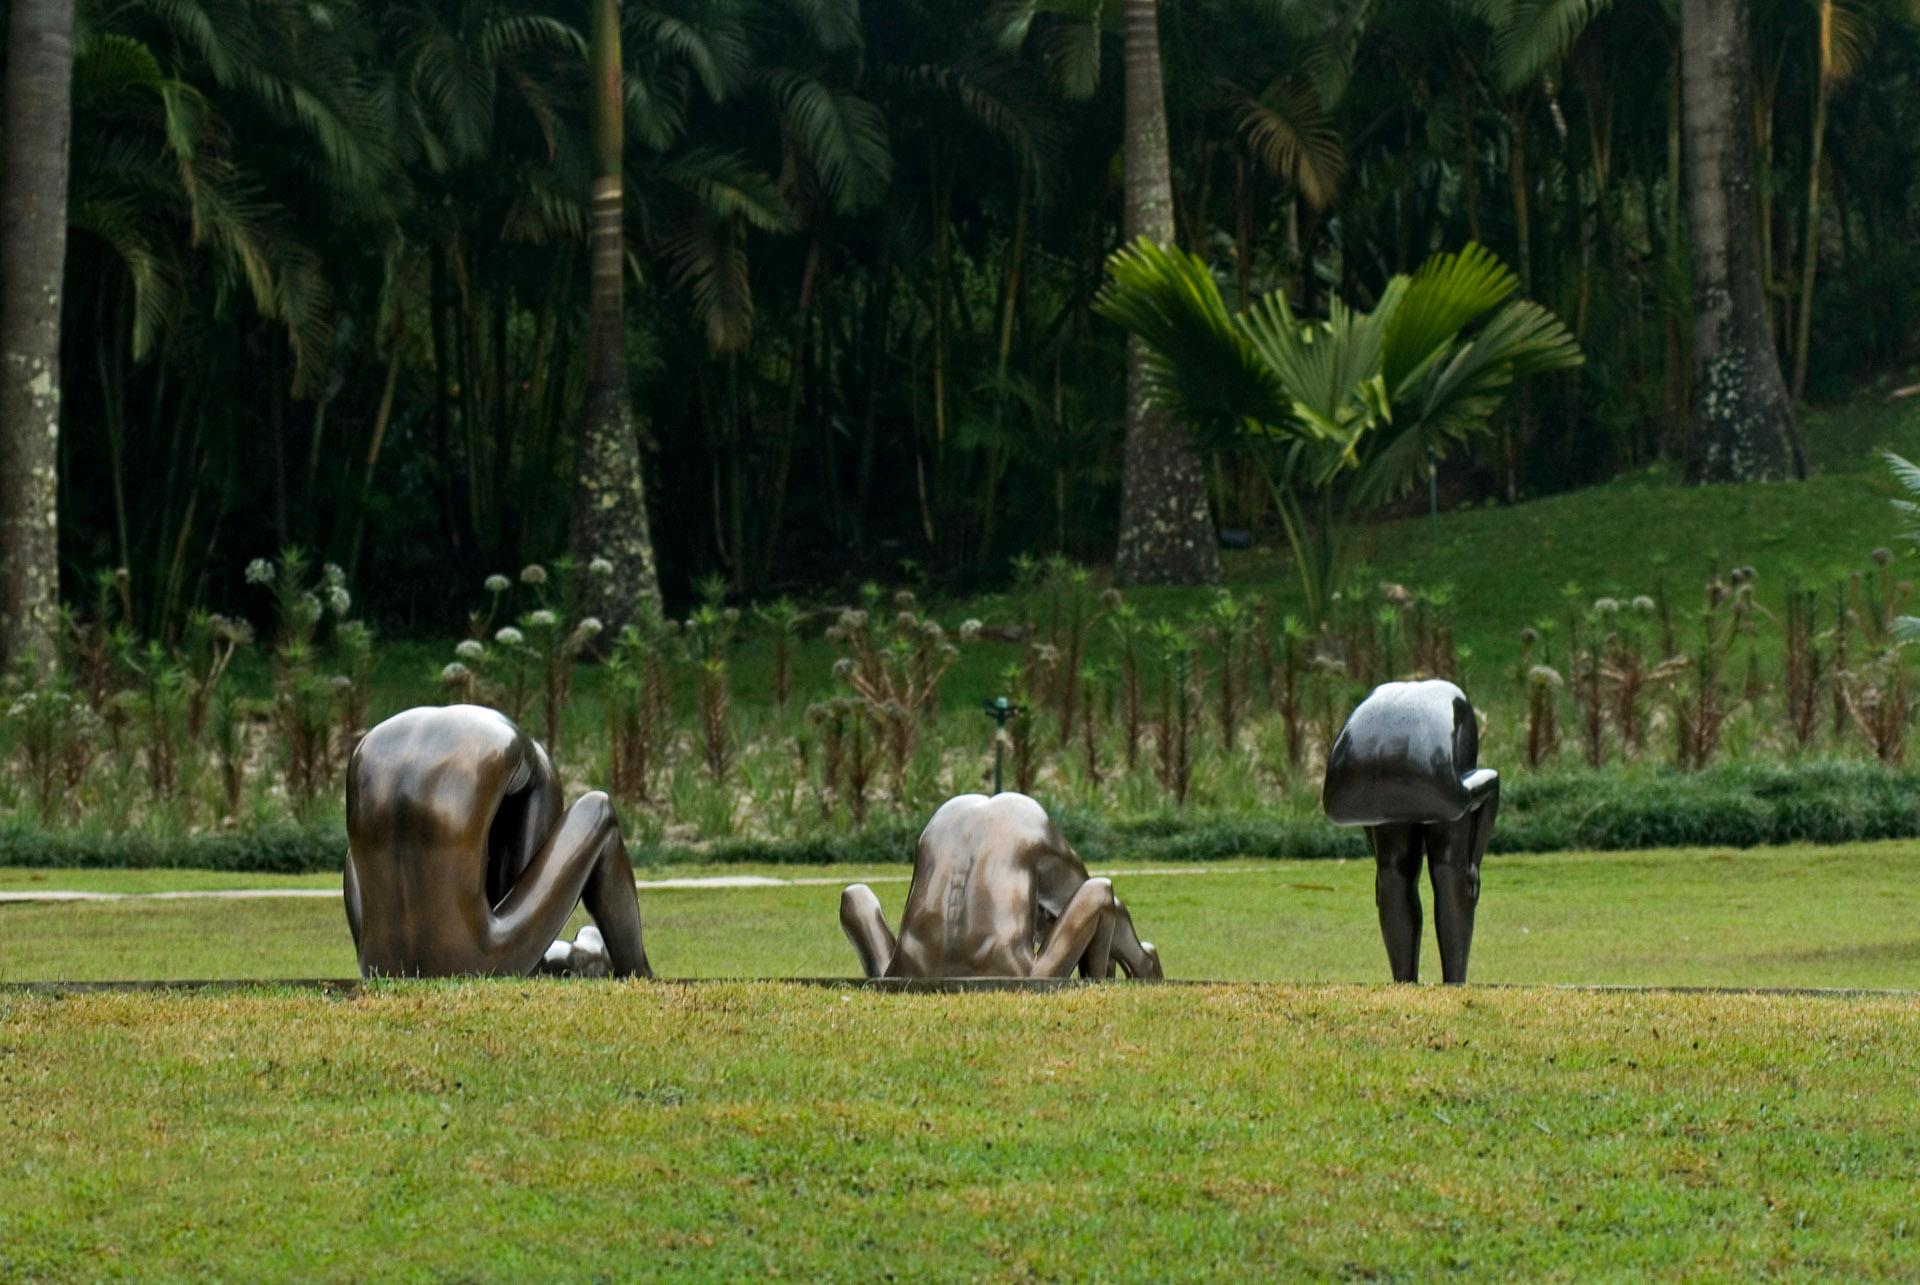 Obras sem título, 2000; sem título, 2002; sem título, 2005 de Edgard de Souza. Acervo de arte contemporânea Inhotim